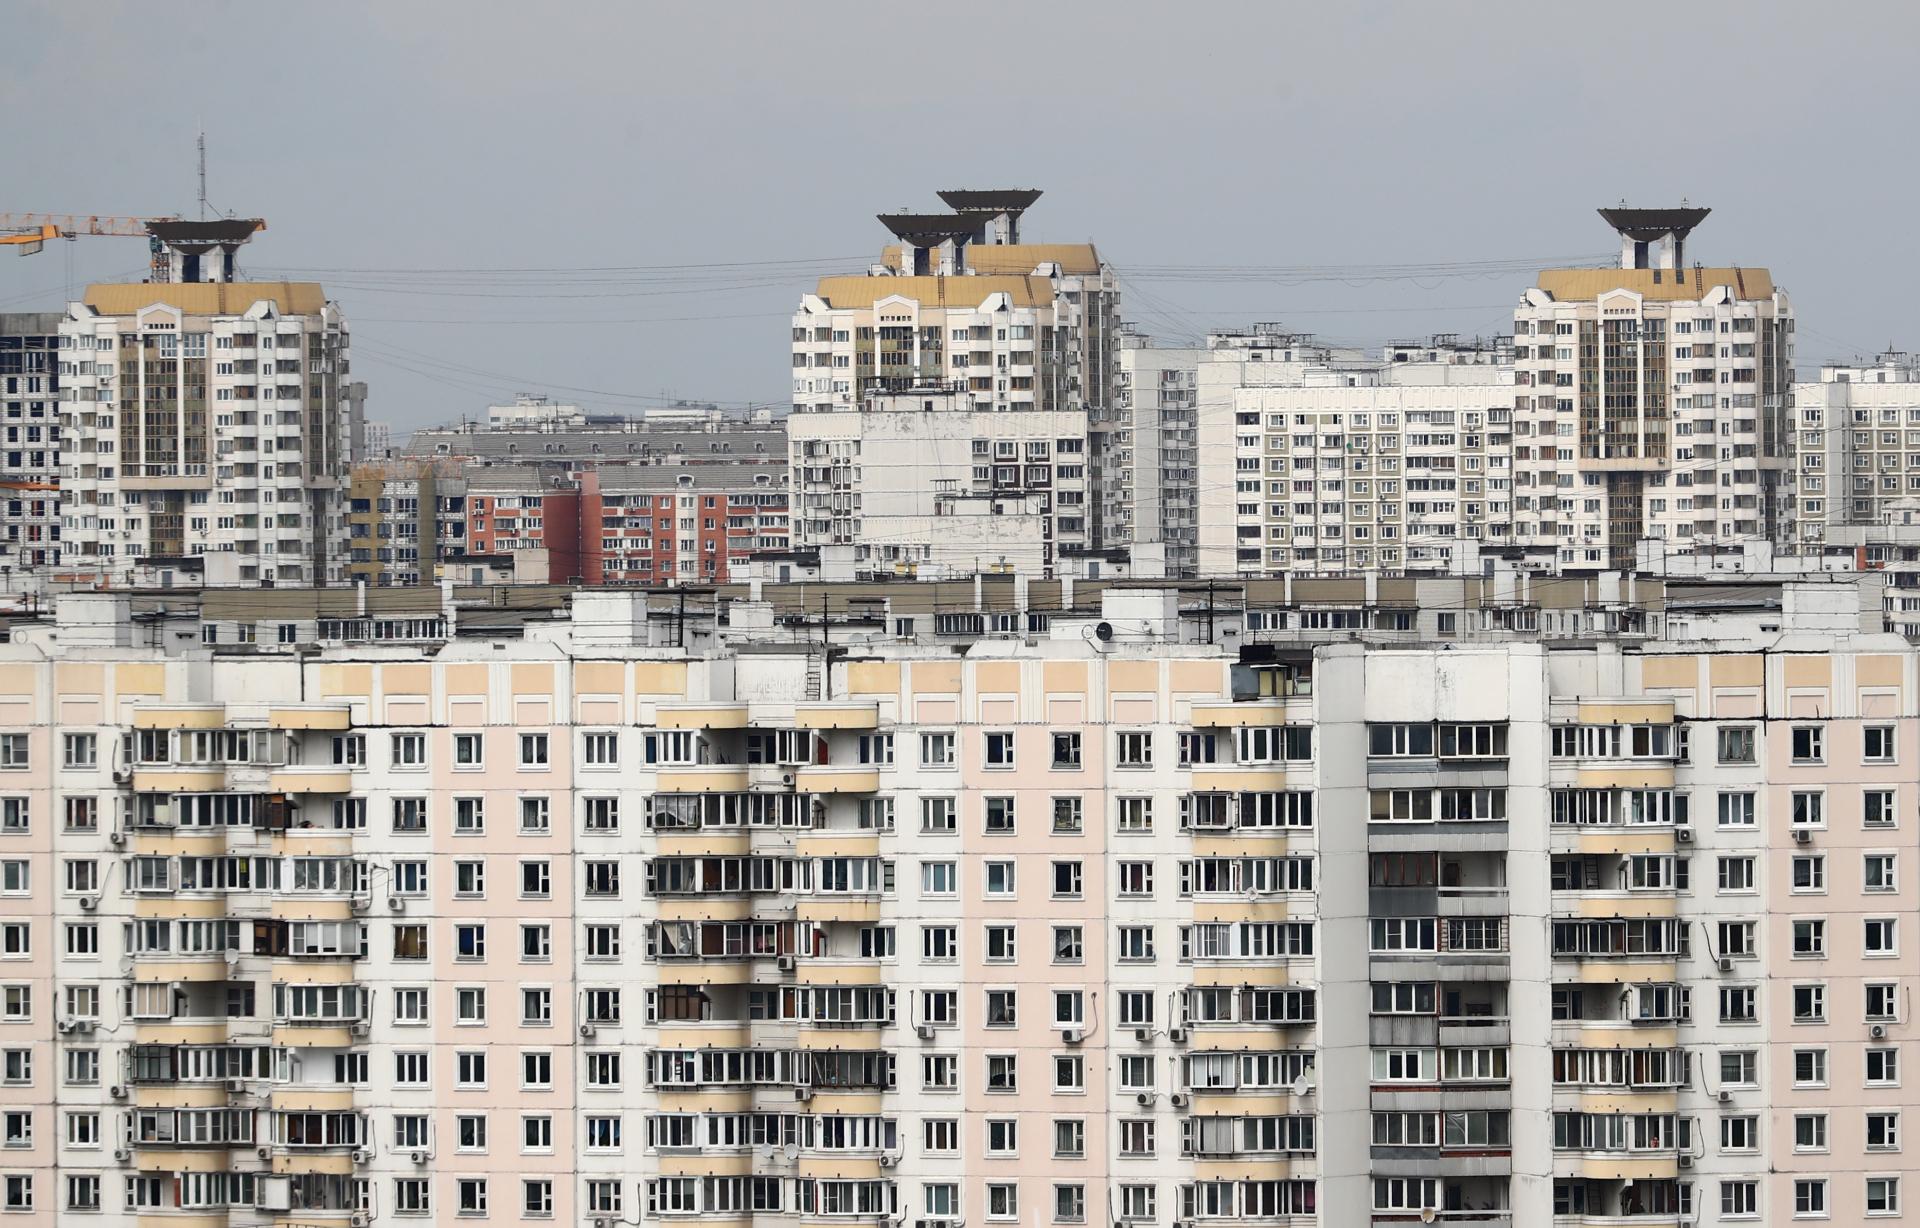 Наличие в собственности недвижимости, бесспорно, позволит быстрее решить квартирный вопрос